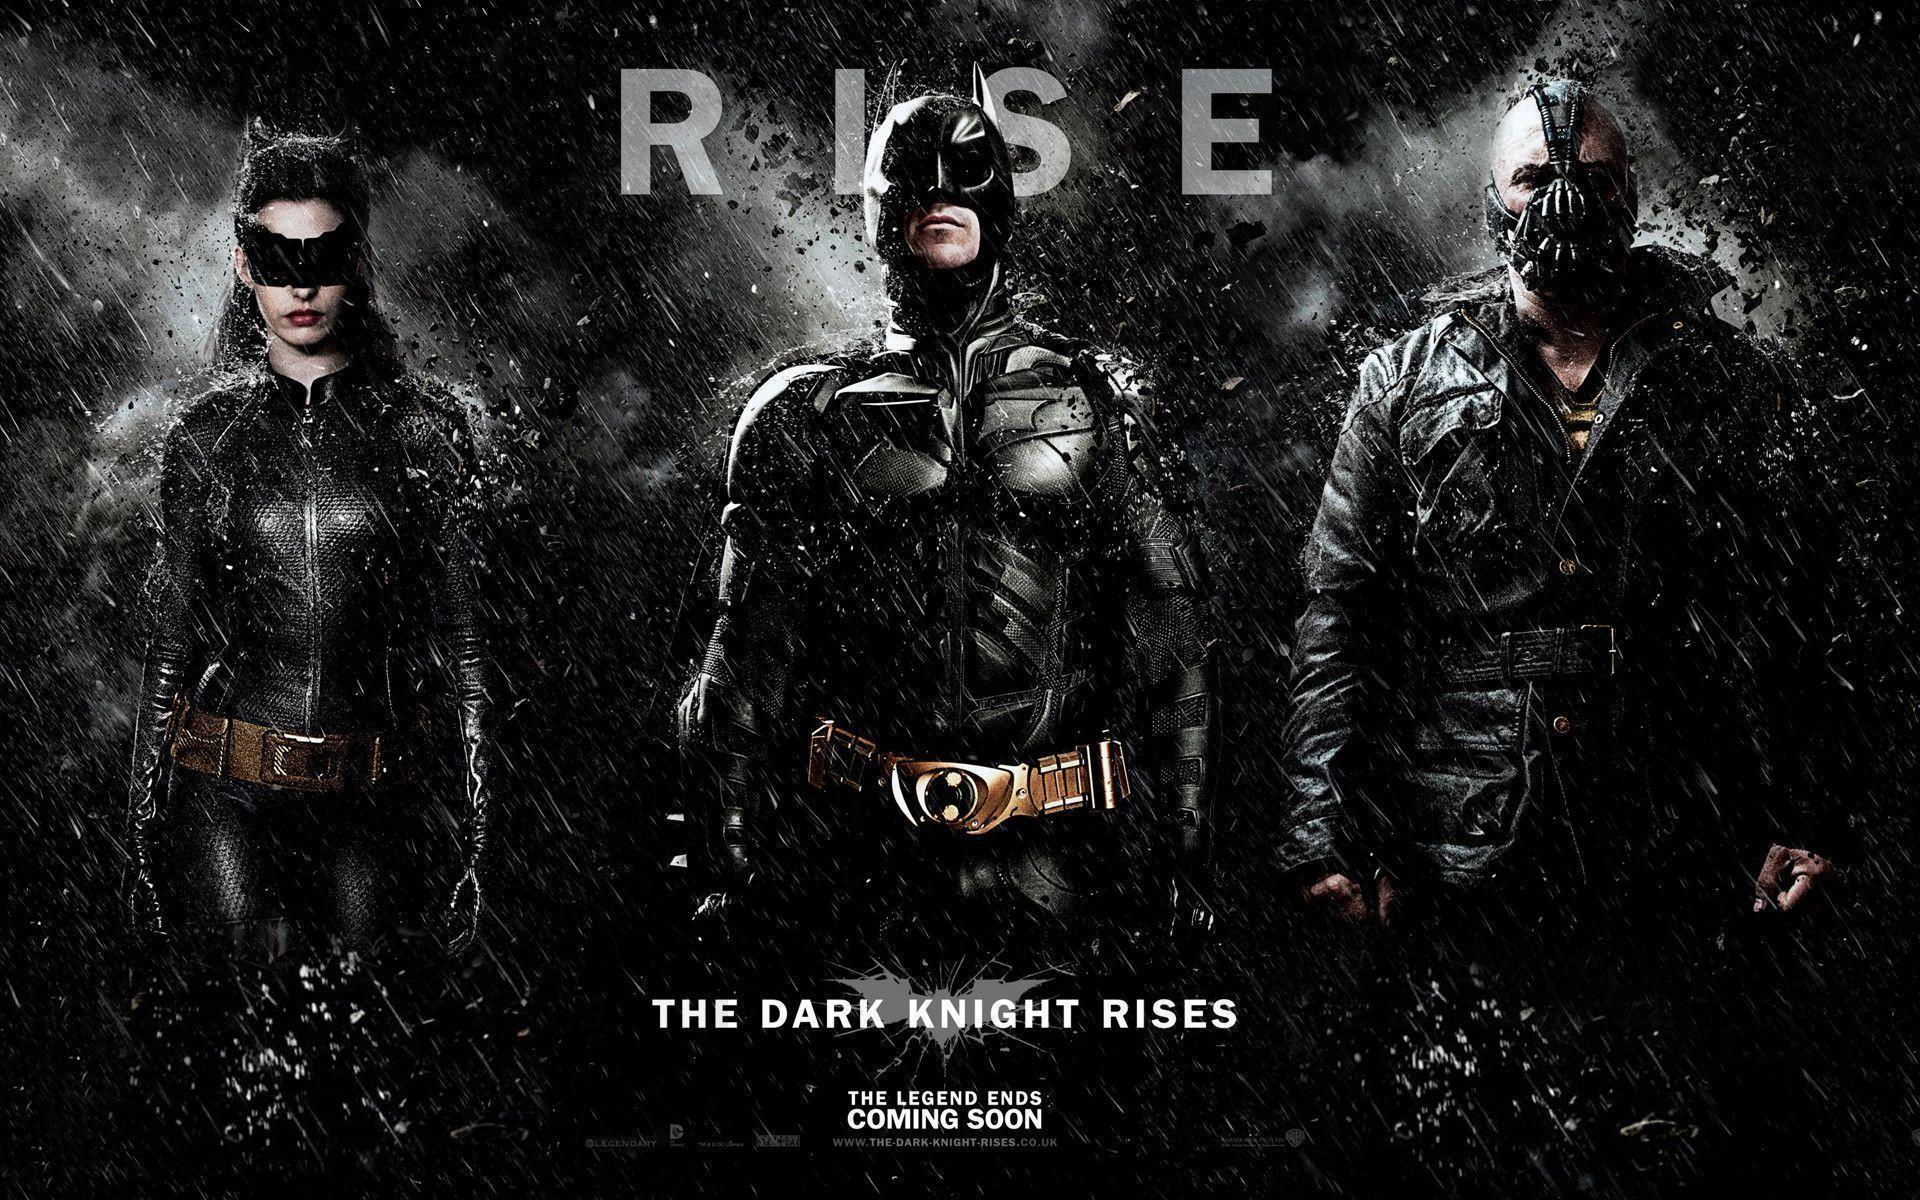 Dark Knight Risese